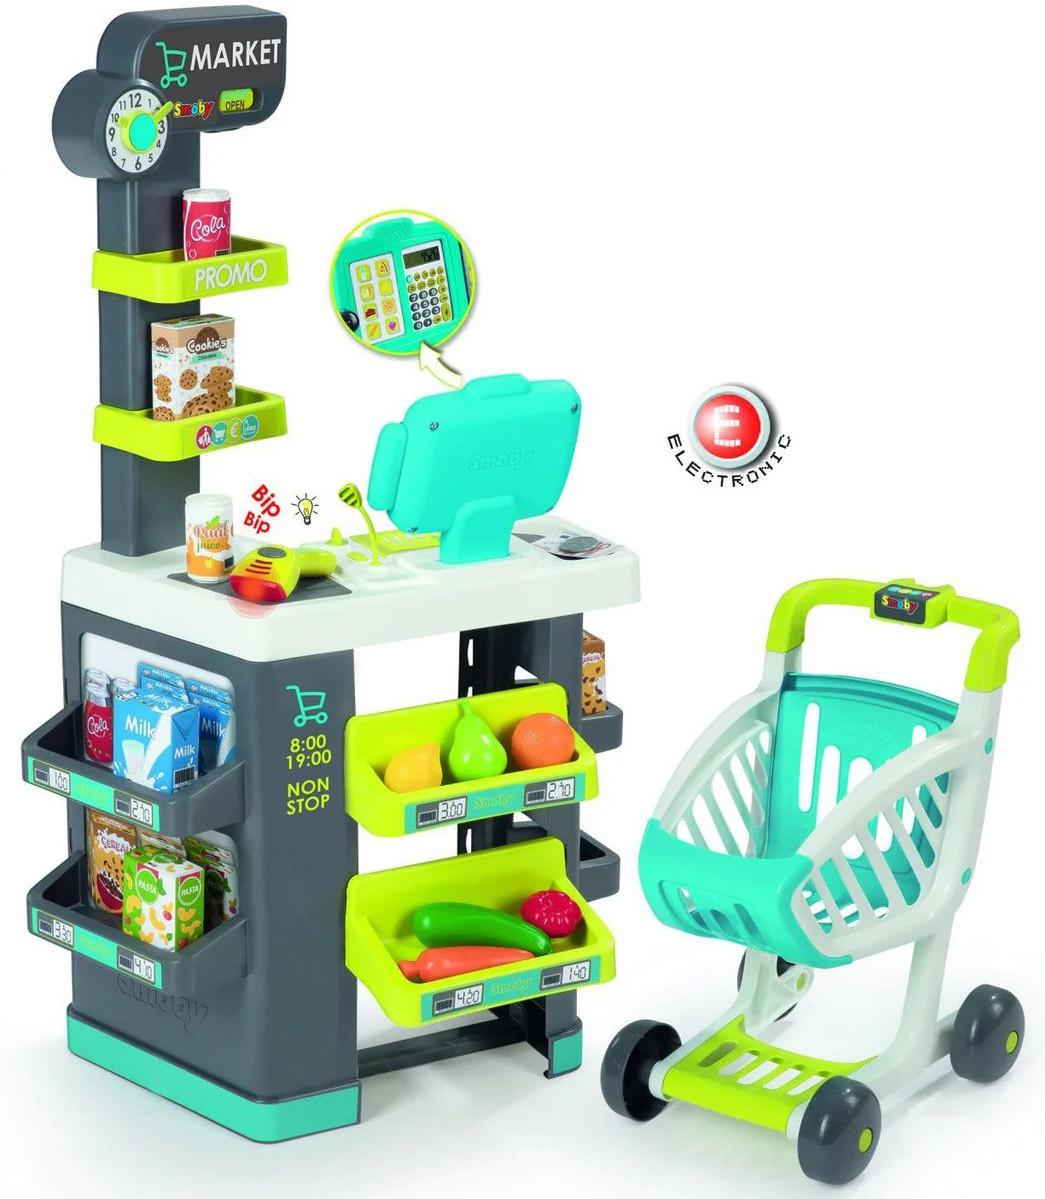 Дитячий інтерактивний супермаркет Smoby Toys City Market 3+ 350212 ігровий набір для дітей